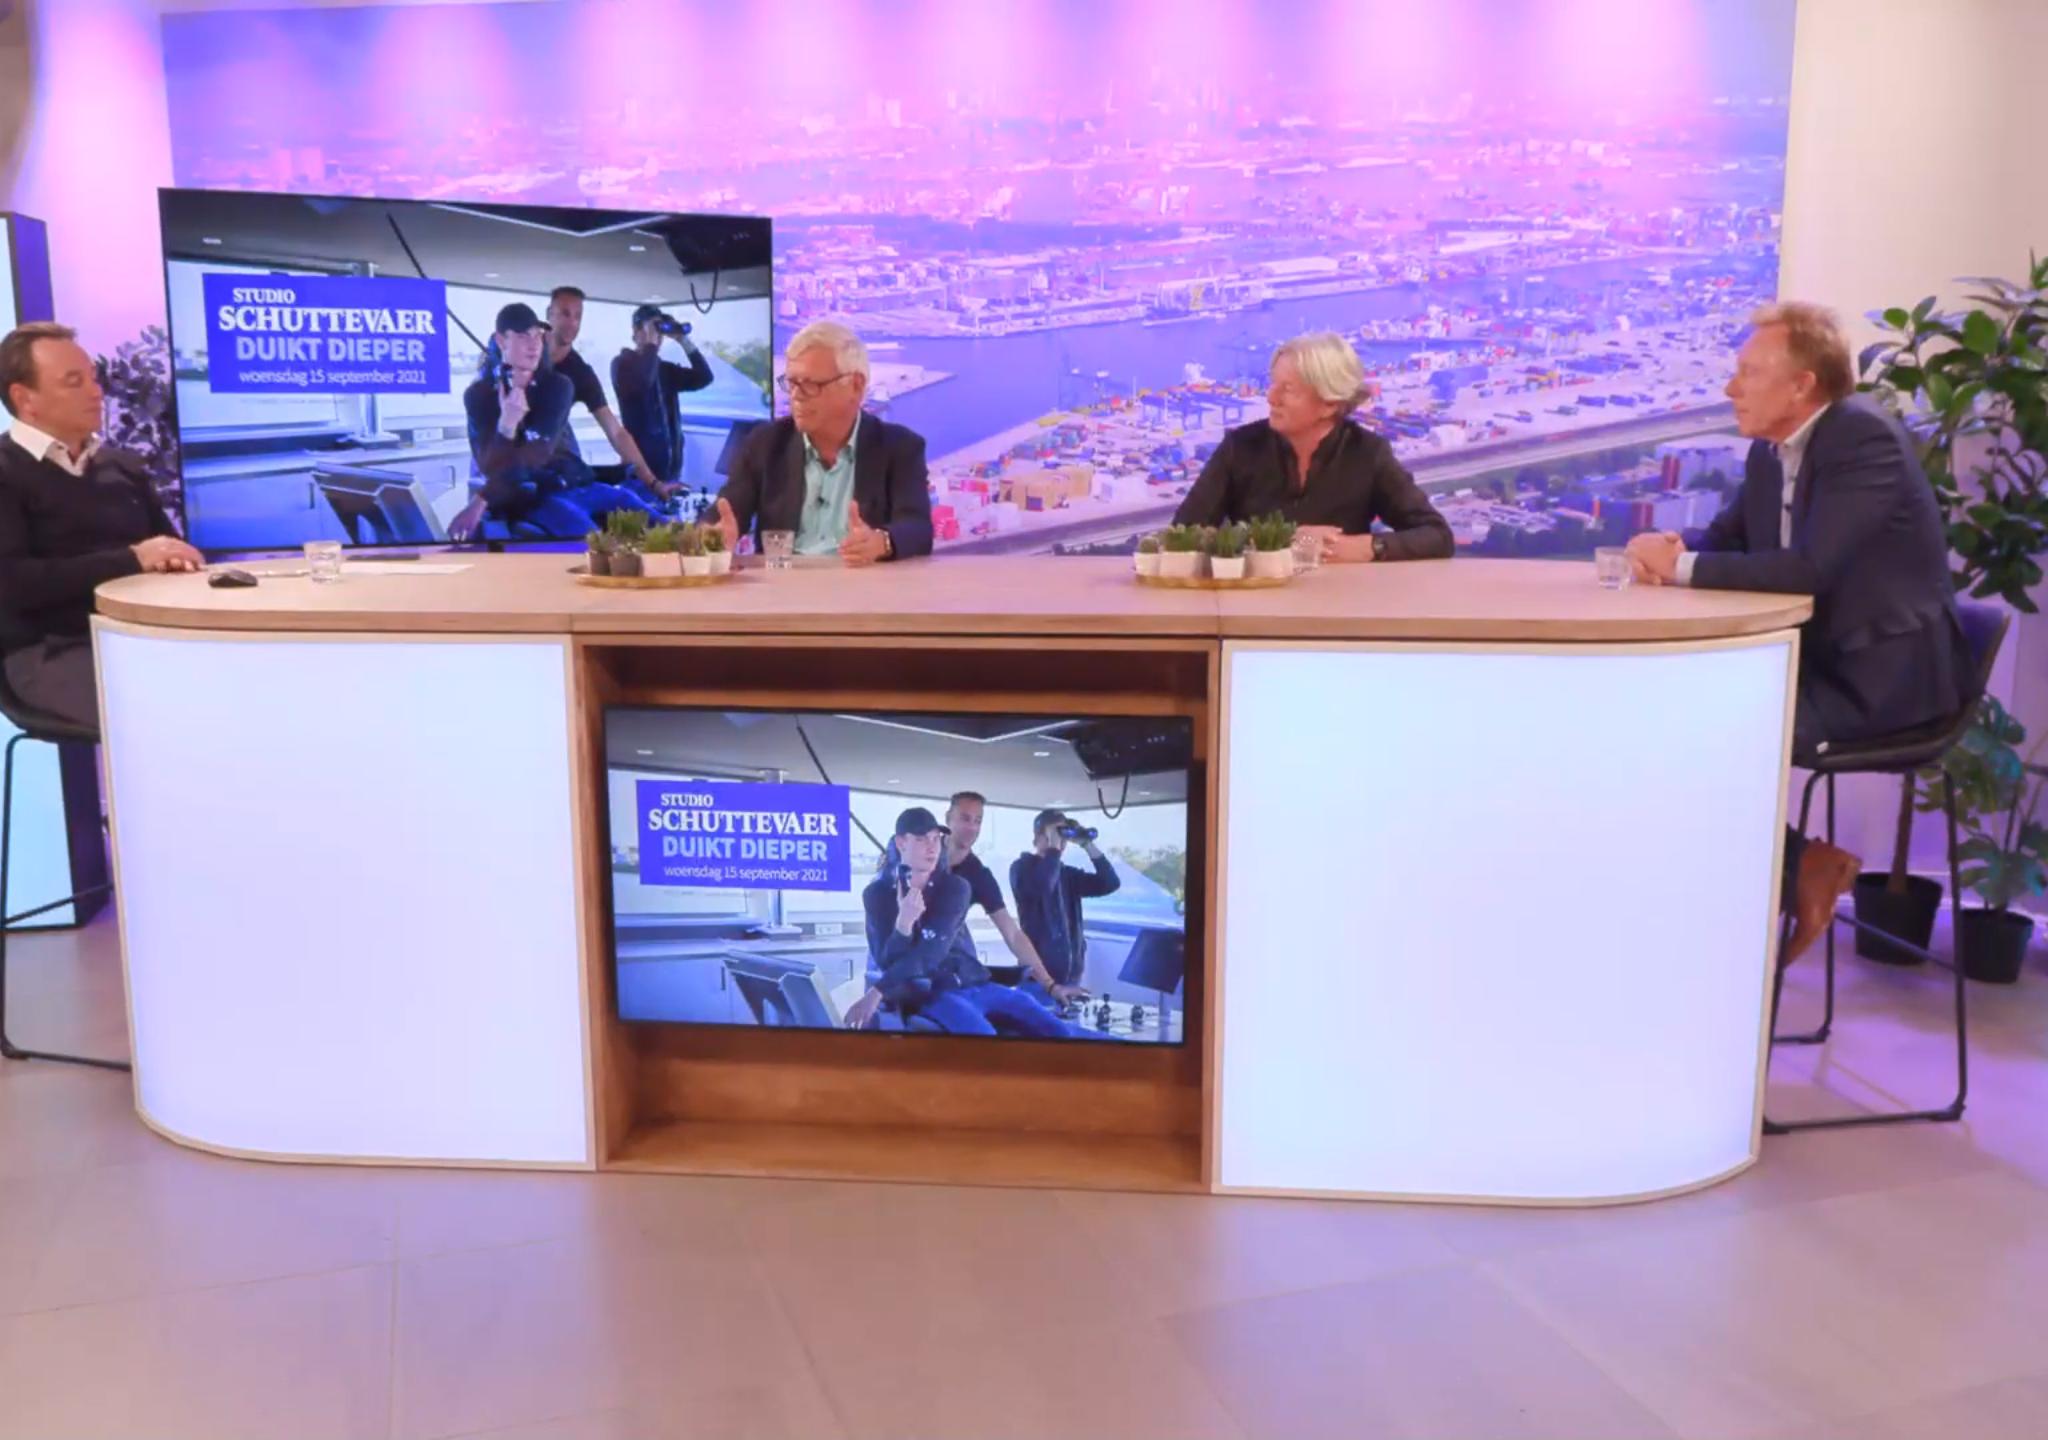 v.l.n.r.: René Quist, Frans van Weert, Ingrid Blom en Arjen Mintjes. (Beeld uit uitzending)